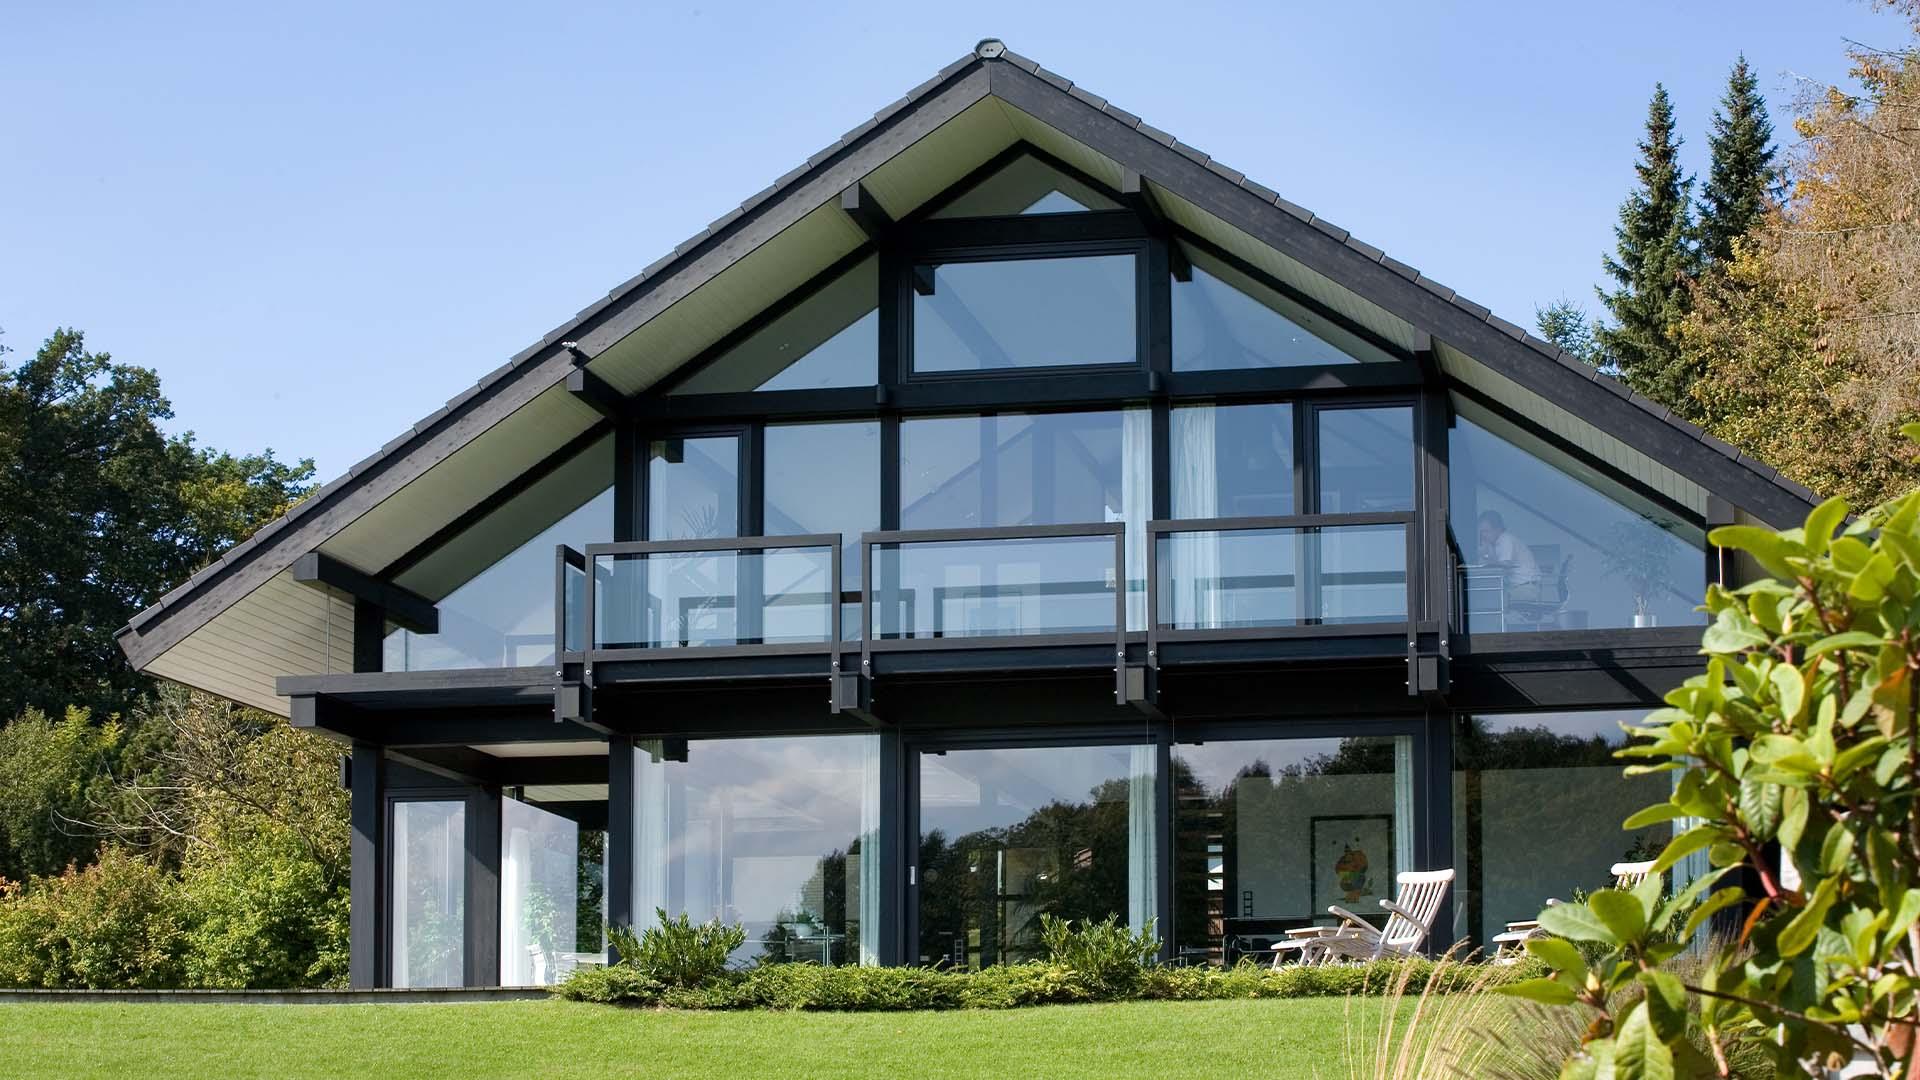 Detmolder Fachwerkhaus – Über Uns 01